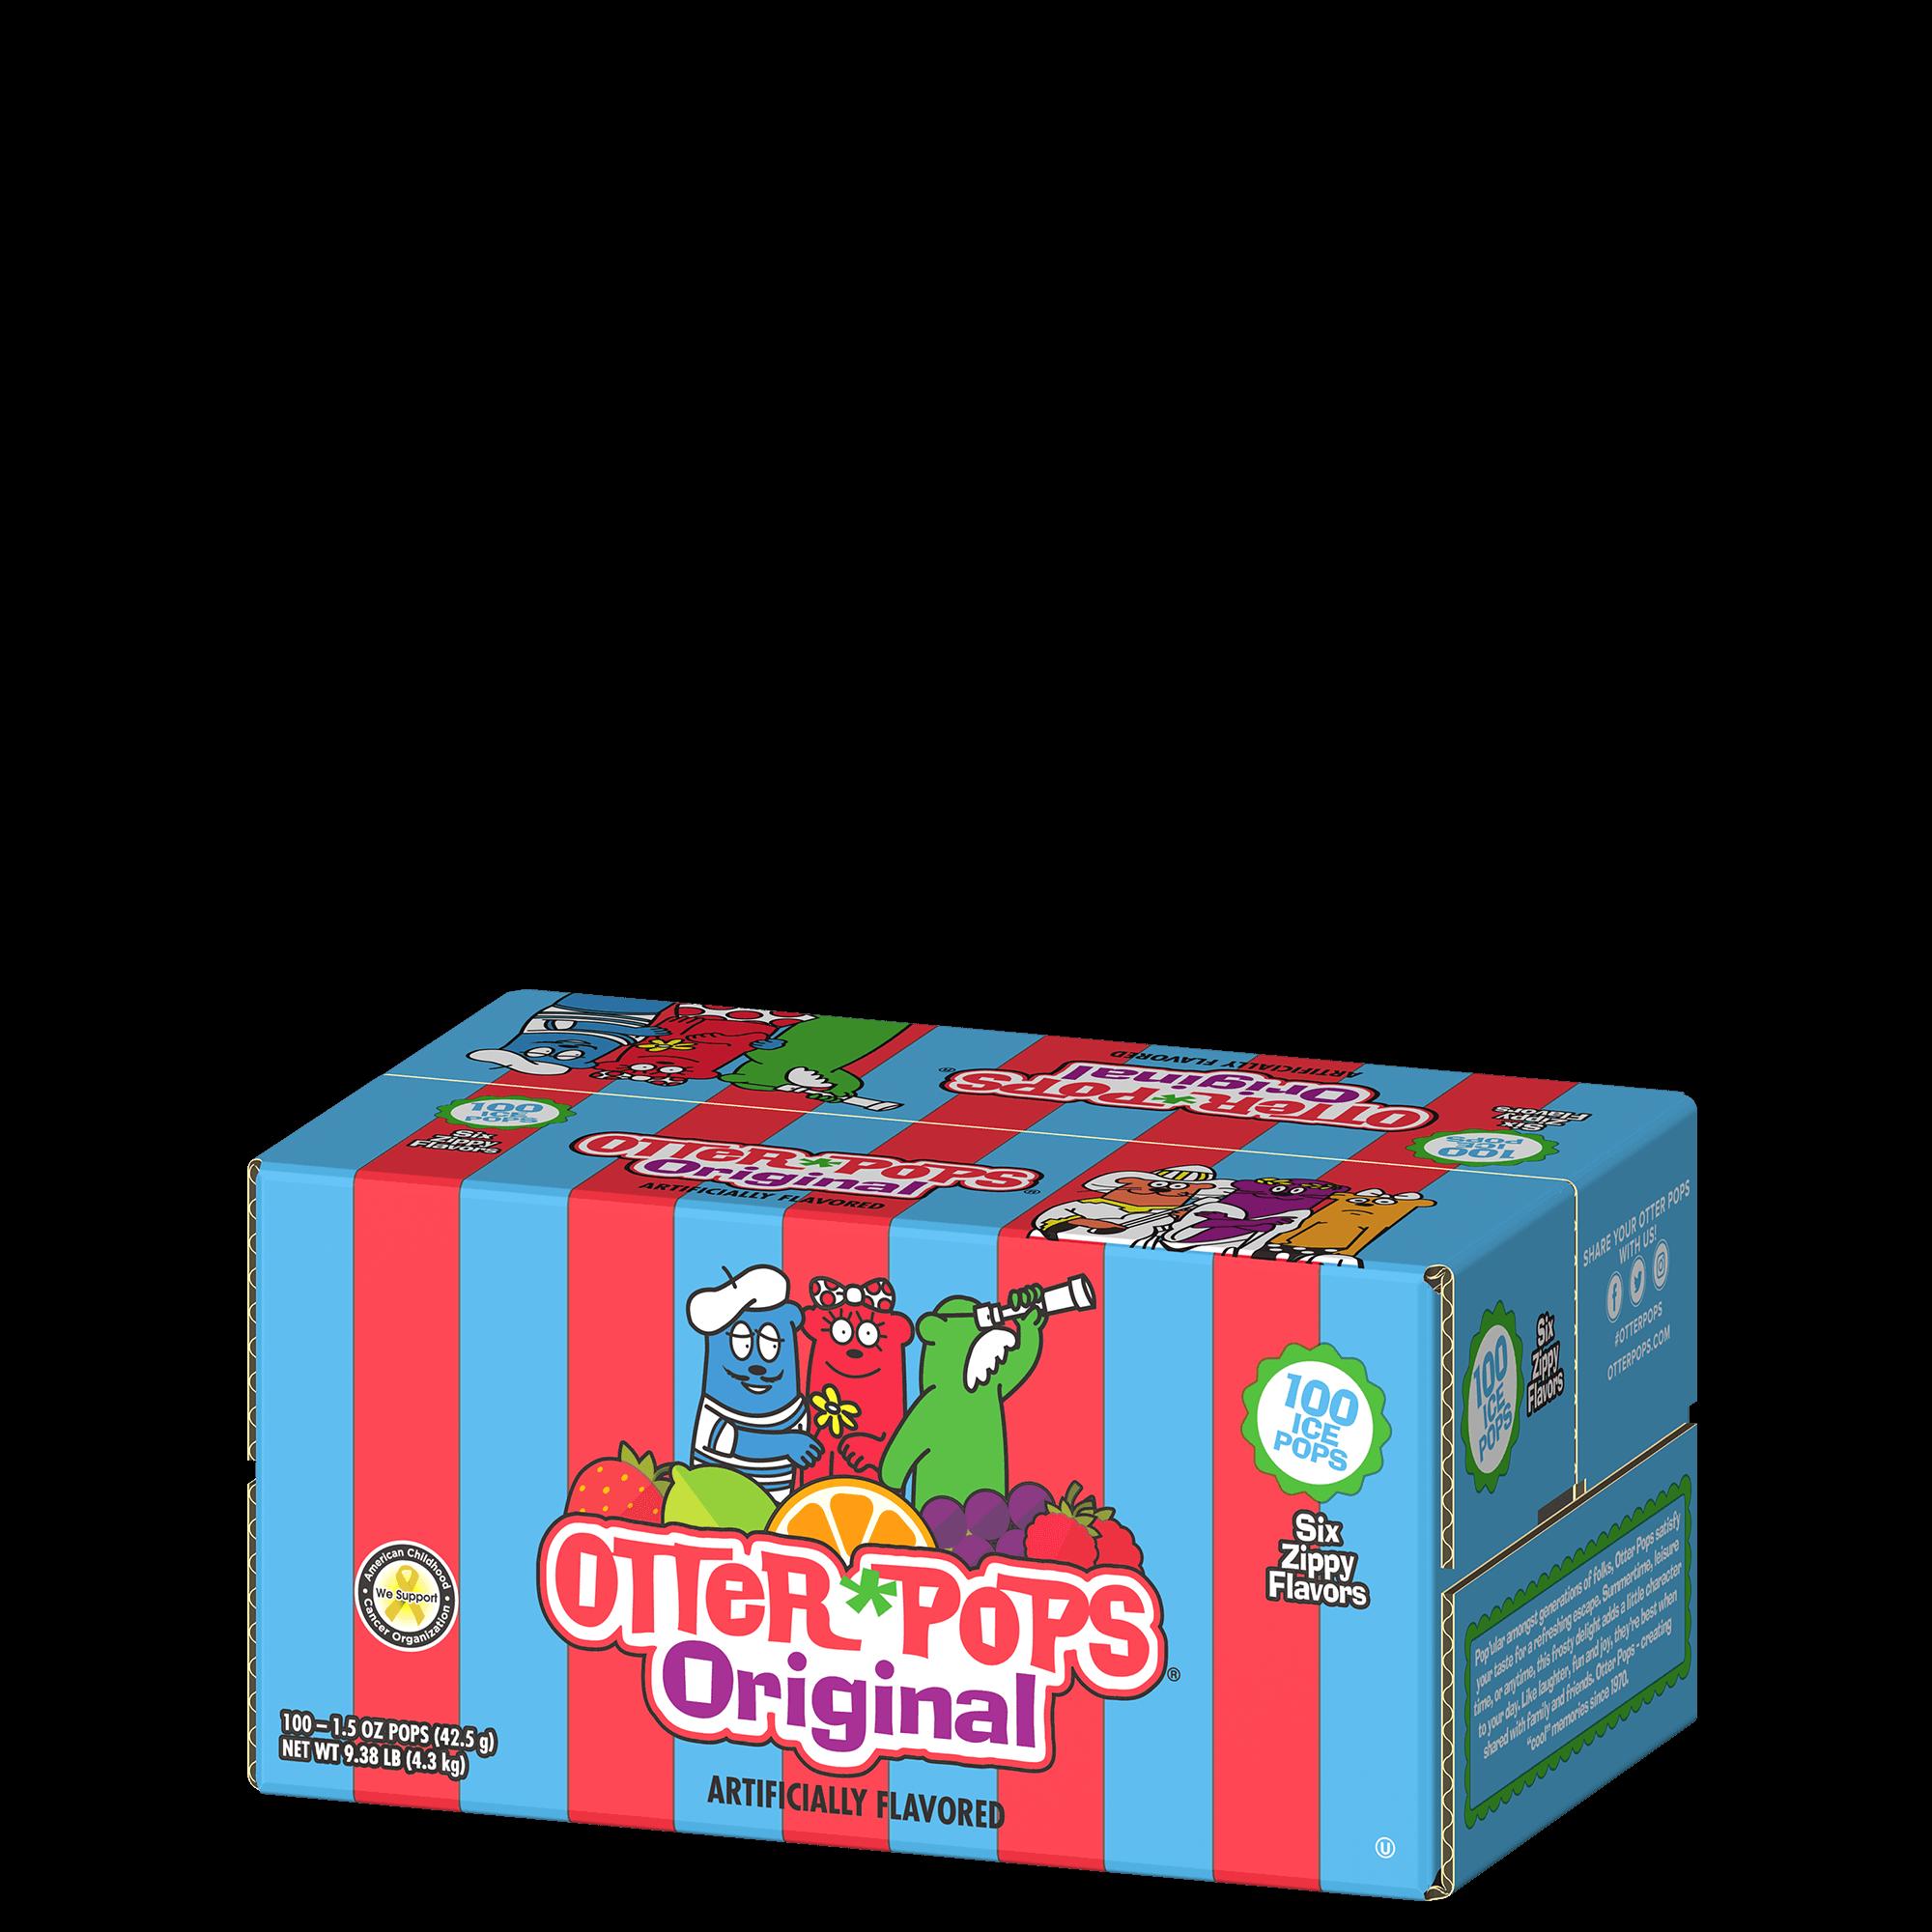 100 ct/1.5 oz – Original Ice Pops